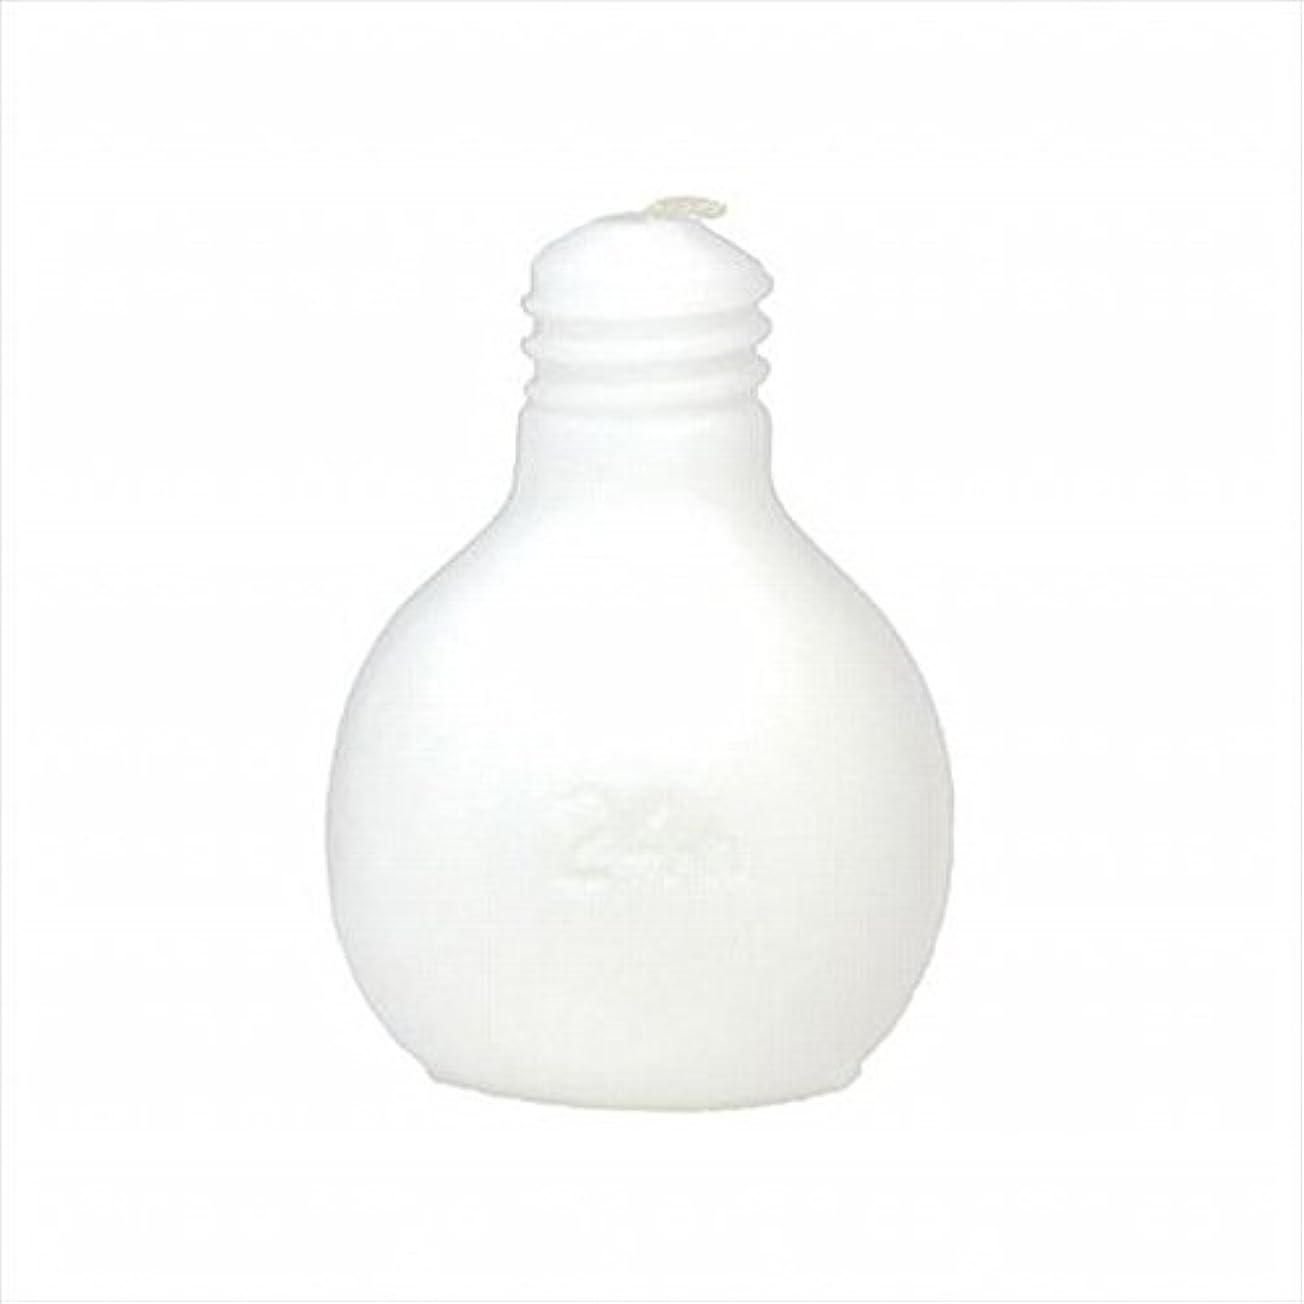 仲間、同僚オフェンスマーカーkameyama candle(カメヤマキャンドル) 節電球キャンドル 「 ホワイト 」 キャンドル 75x75x98mm (A4220000W)